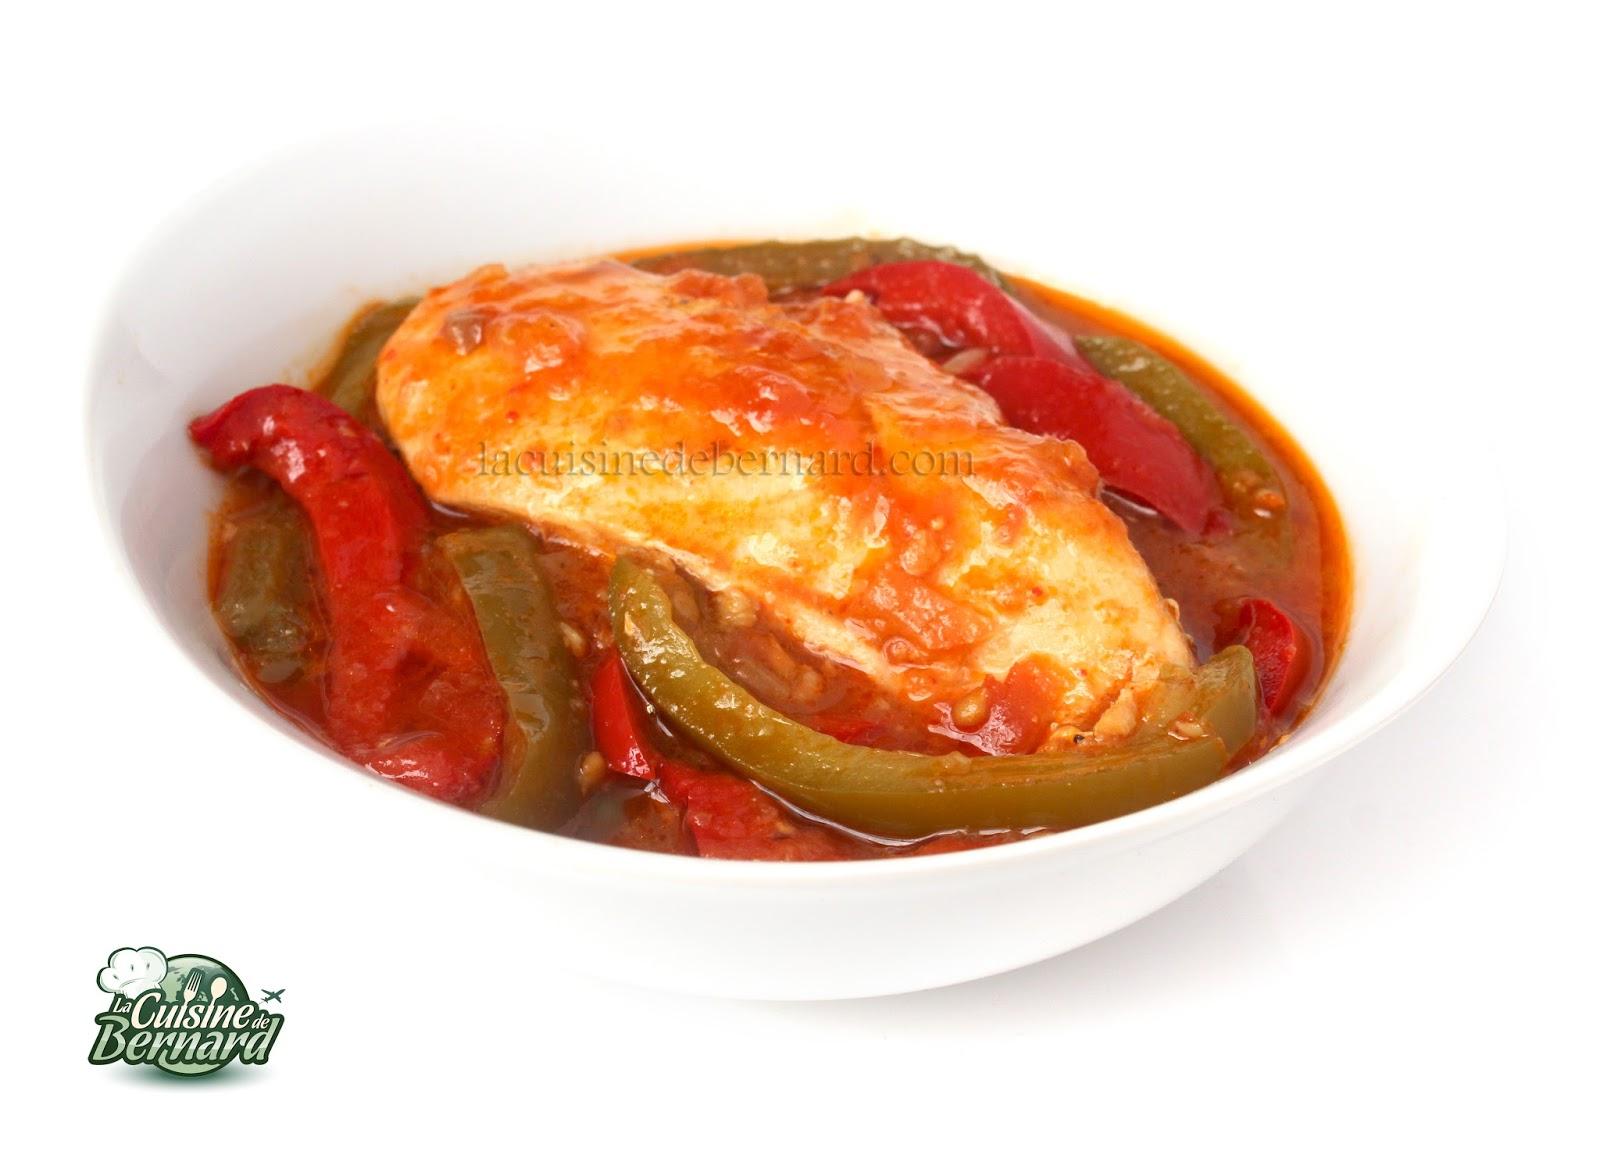 La cuisine de bernard poulet basquaise - Absorber l humidite avec du riz ...